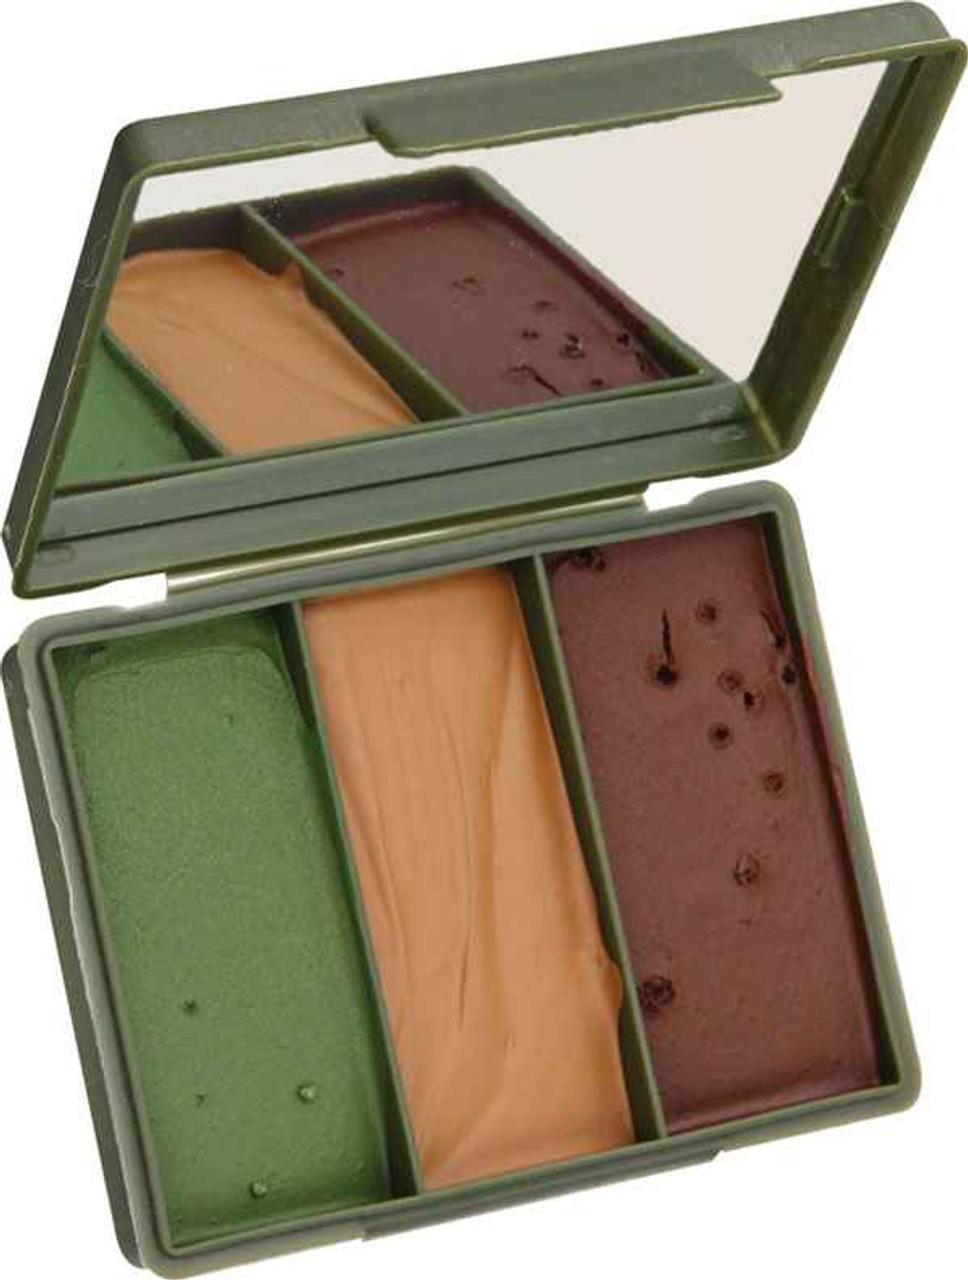 Bushcfart Chameleon Camo Compact 40G OD green, tan and brown